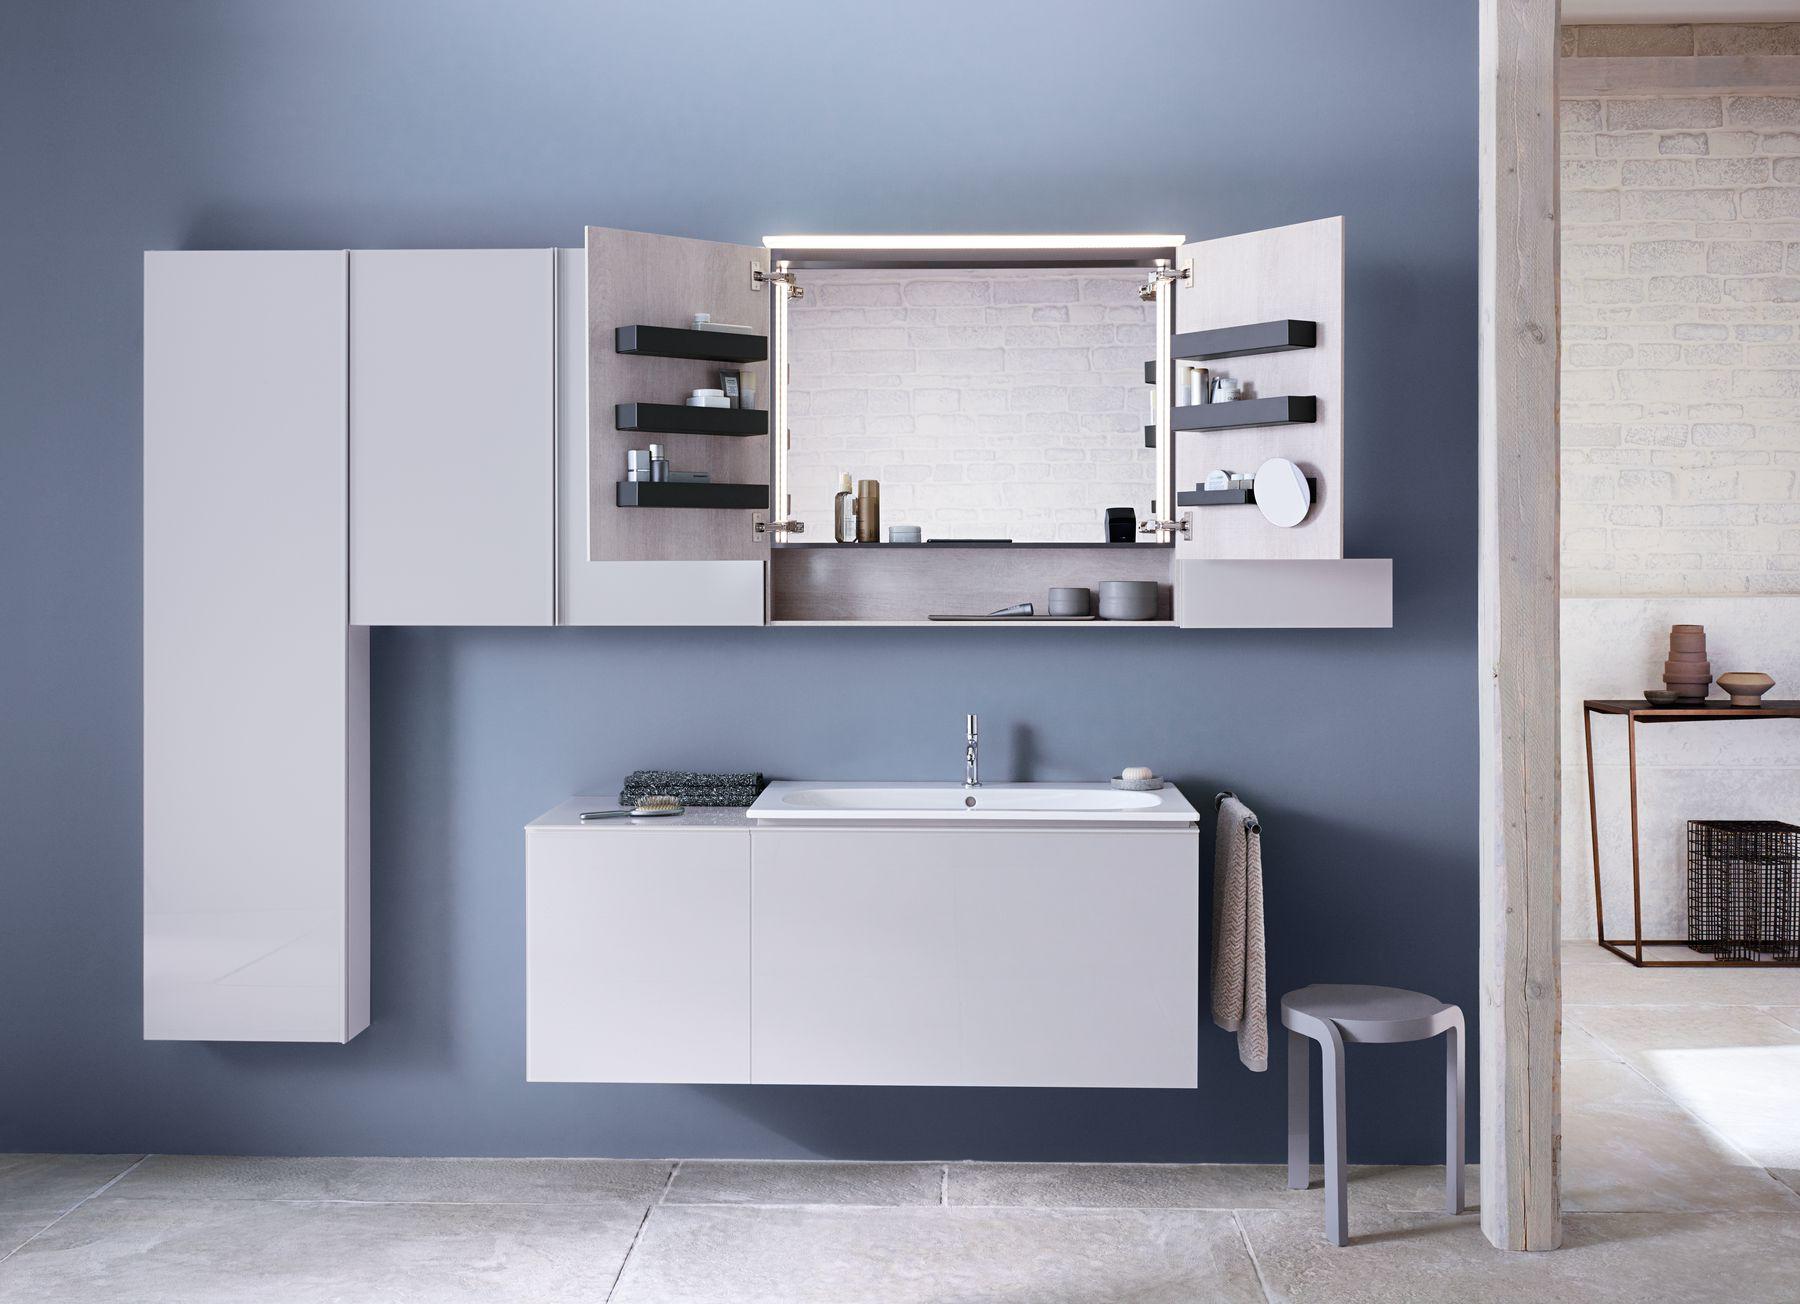 Sphinx badkamermeubel. Badkamer met luxe, comfort en voldoende opbergruimte met Acanto badkamermeubel. #sphinx #badkamer #acanto #badkamermeubel